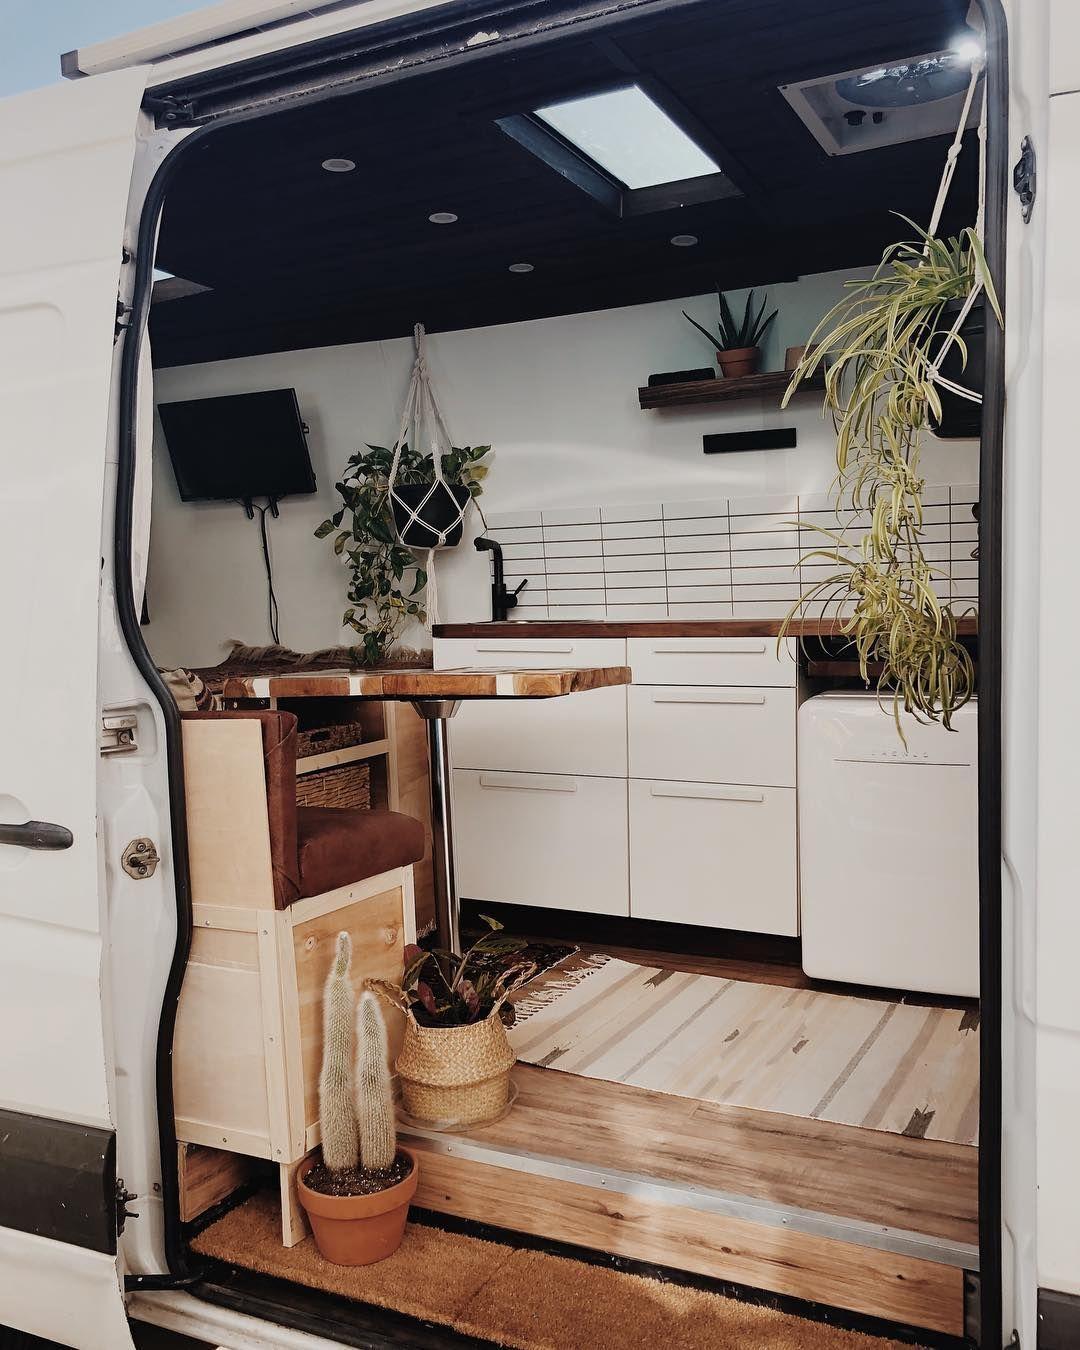 """Photo of Grizelda The Van auf Instagram: """"Dies ist das offiziell fertiggestellte Van-Interieur. Das einzige was fehlt ist die Queen Matratze im Rücken. Insgesamt hat dieser Van-Bau… """""""